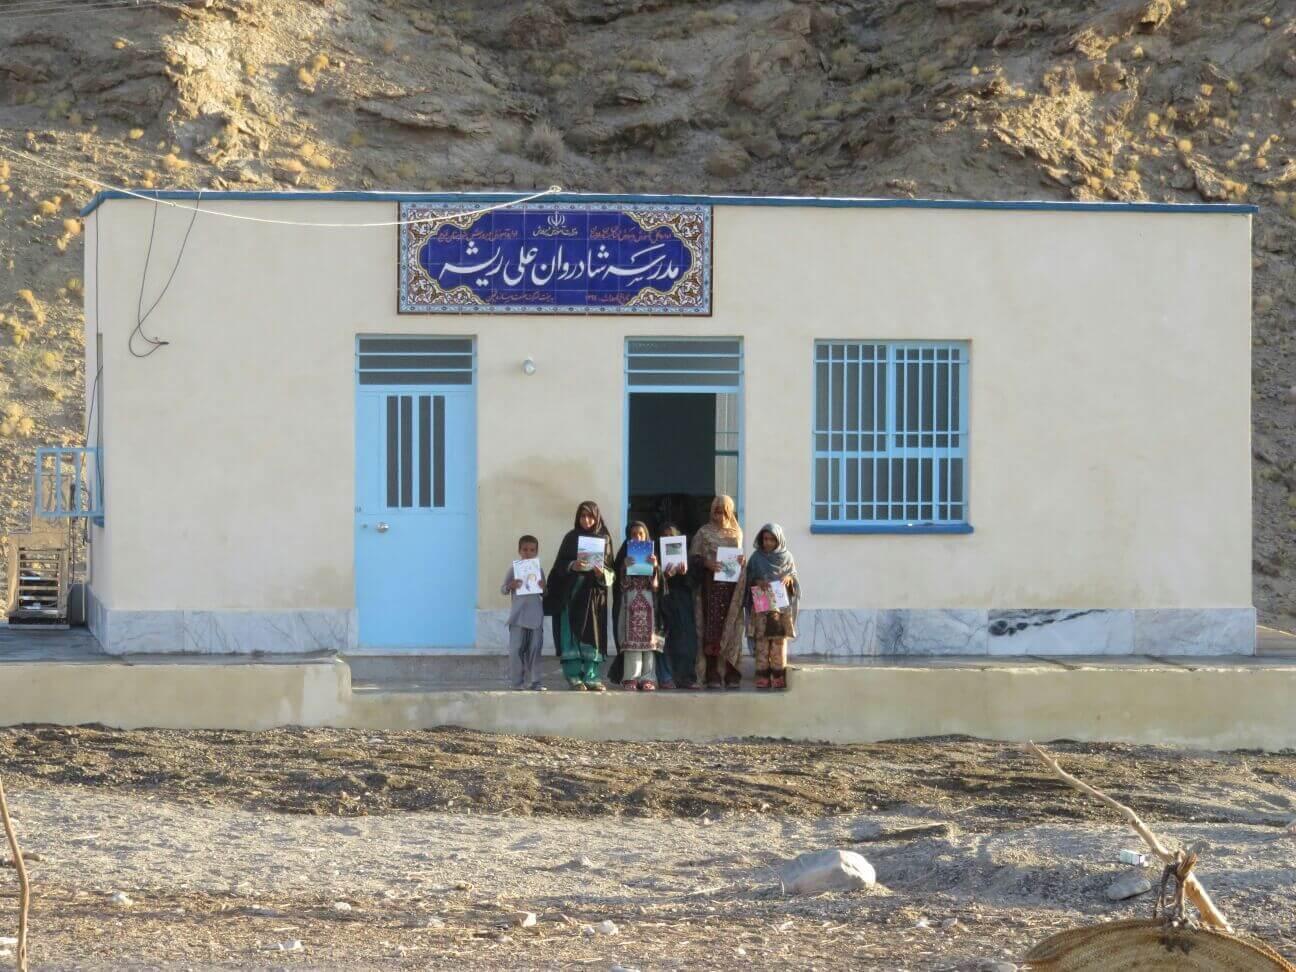 مدرسه مهرآفرین در دلکوک افتتاح گردید